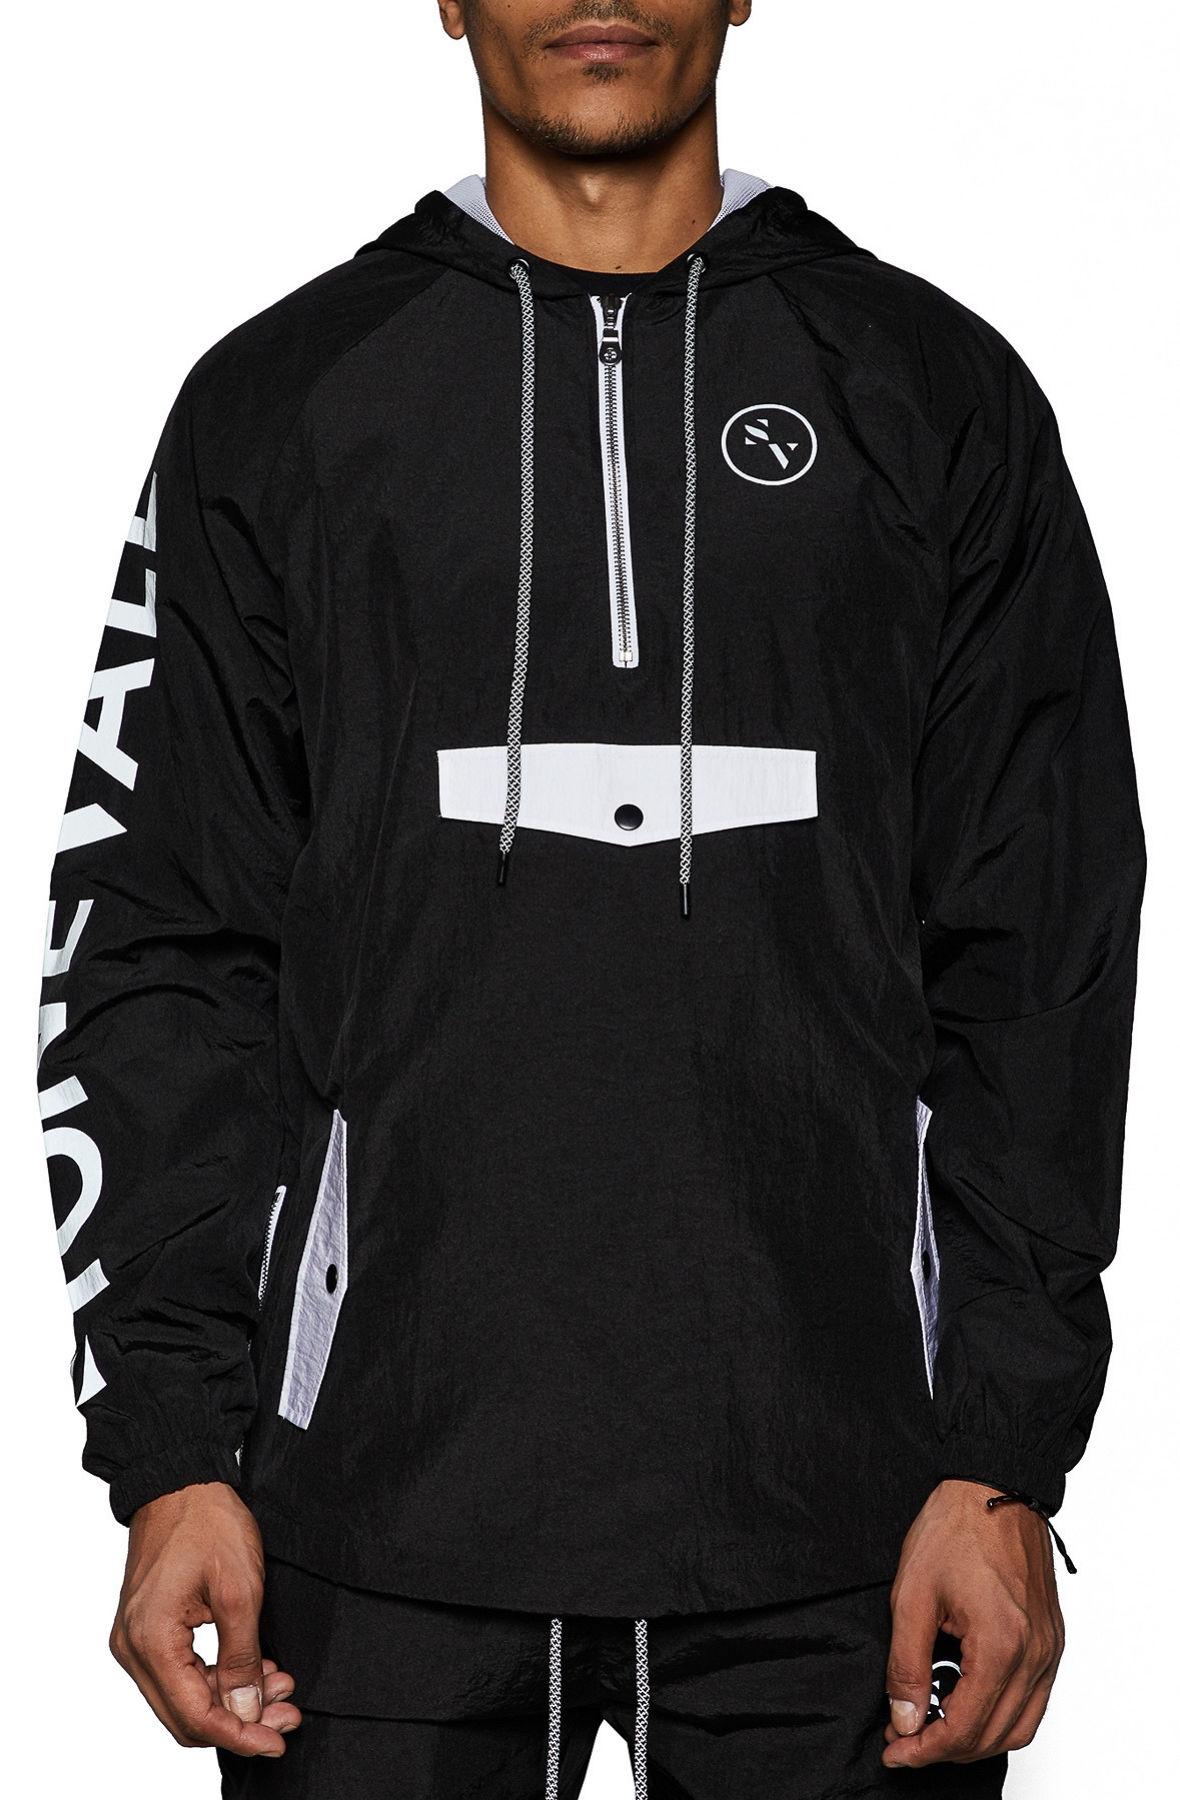 Image of Warm Up - Anorak Jacket